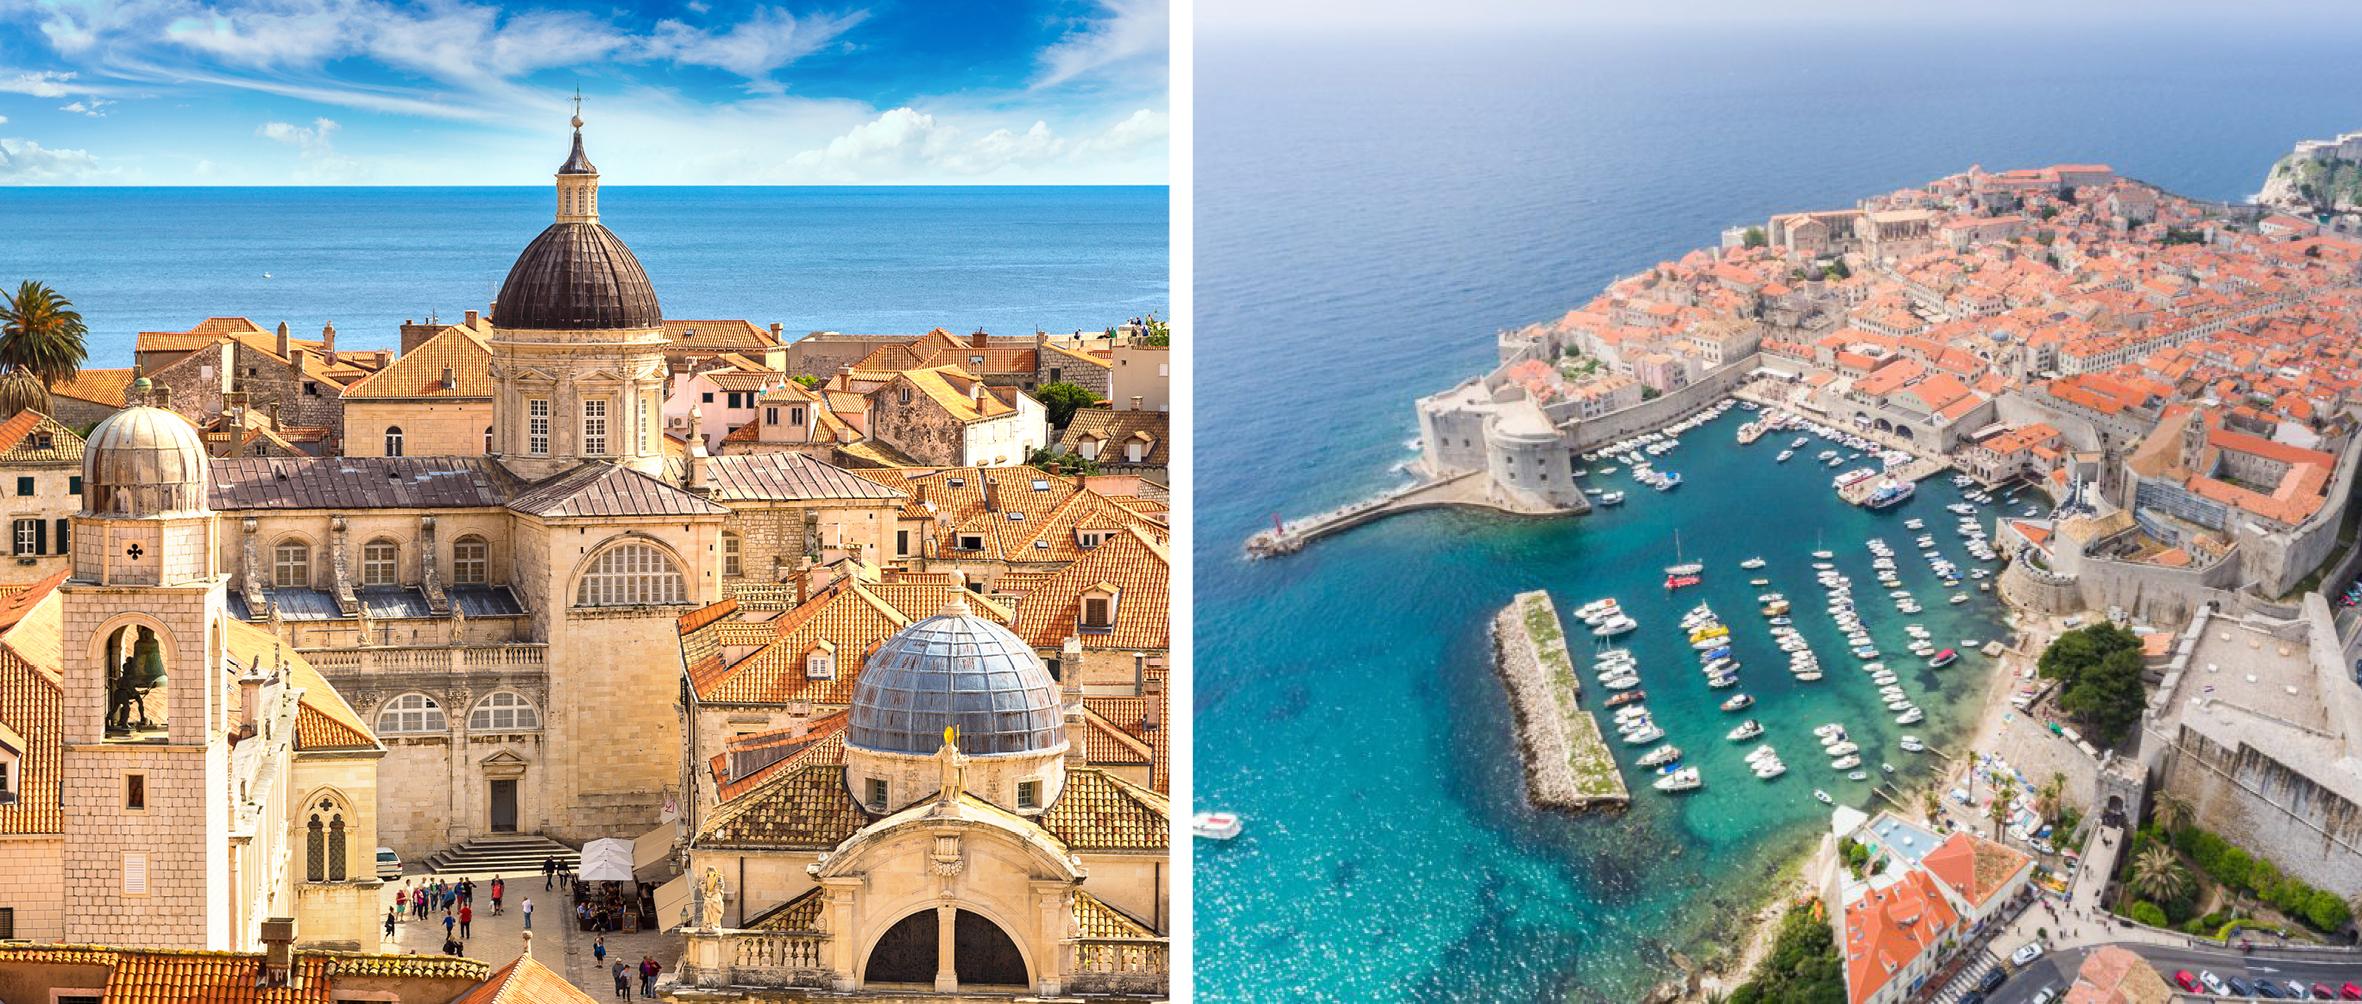 Dubrovnik Stad